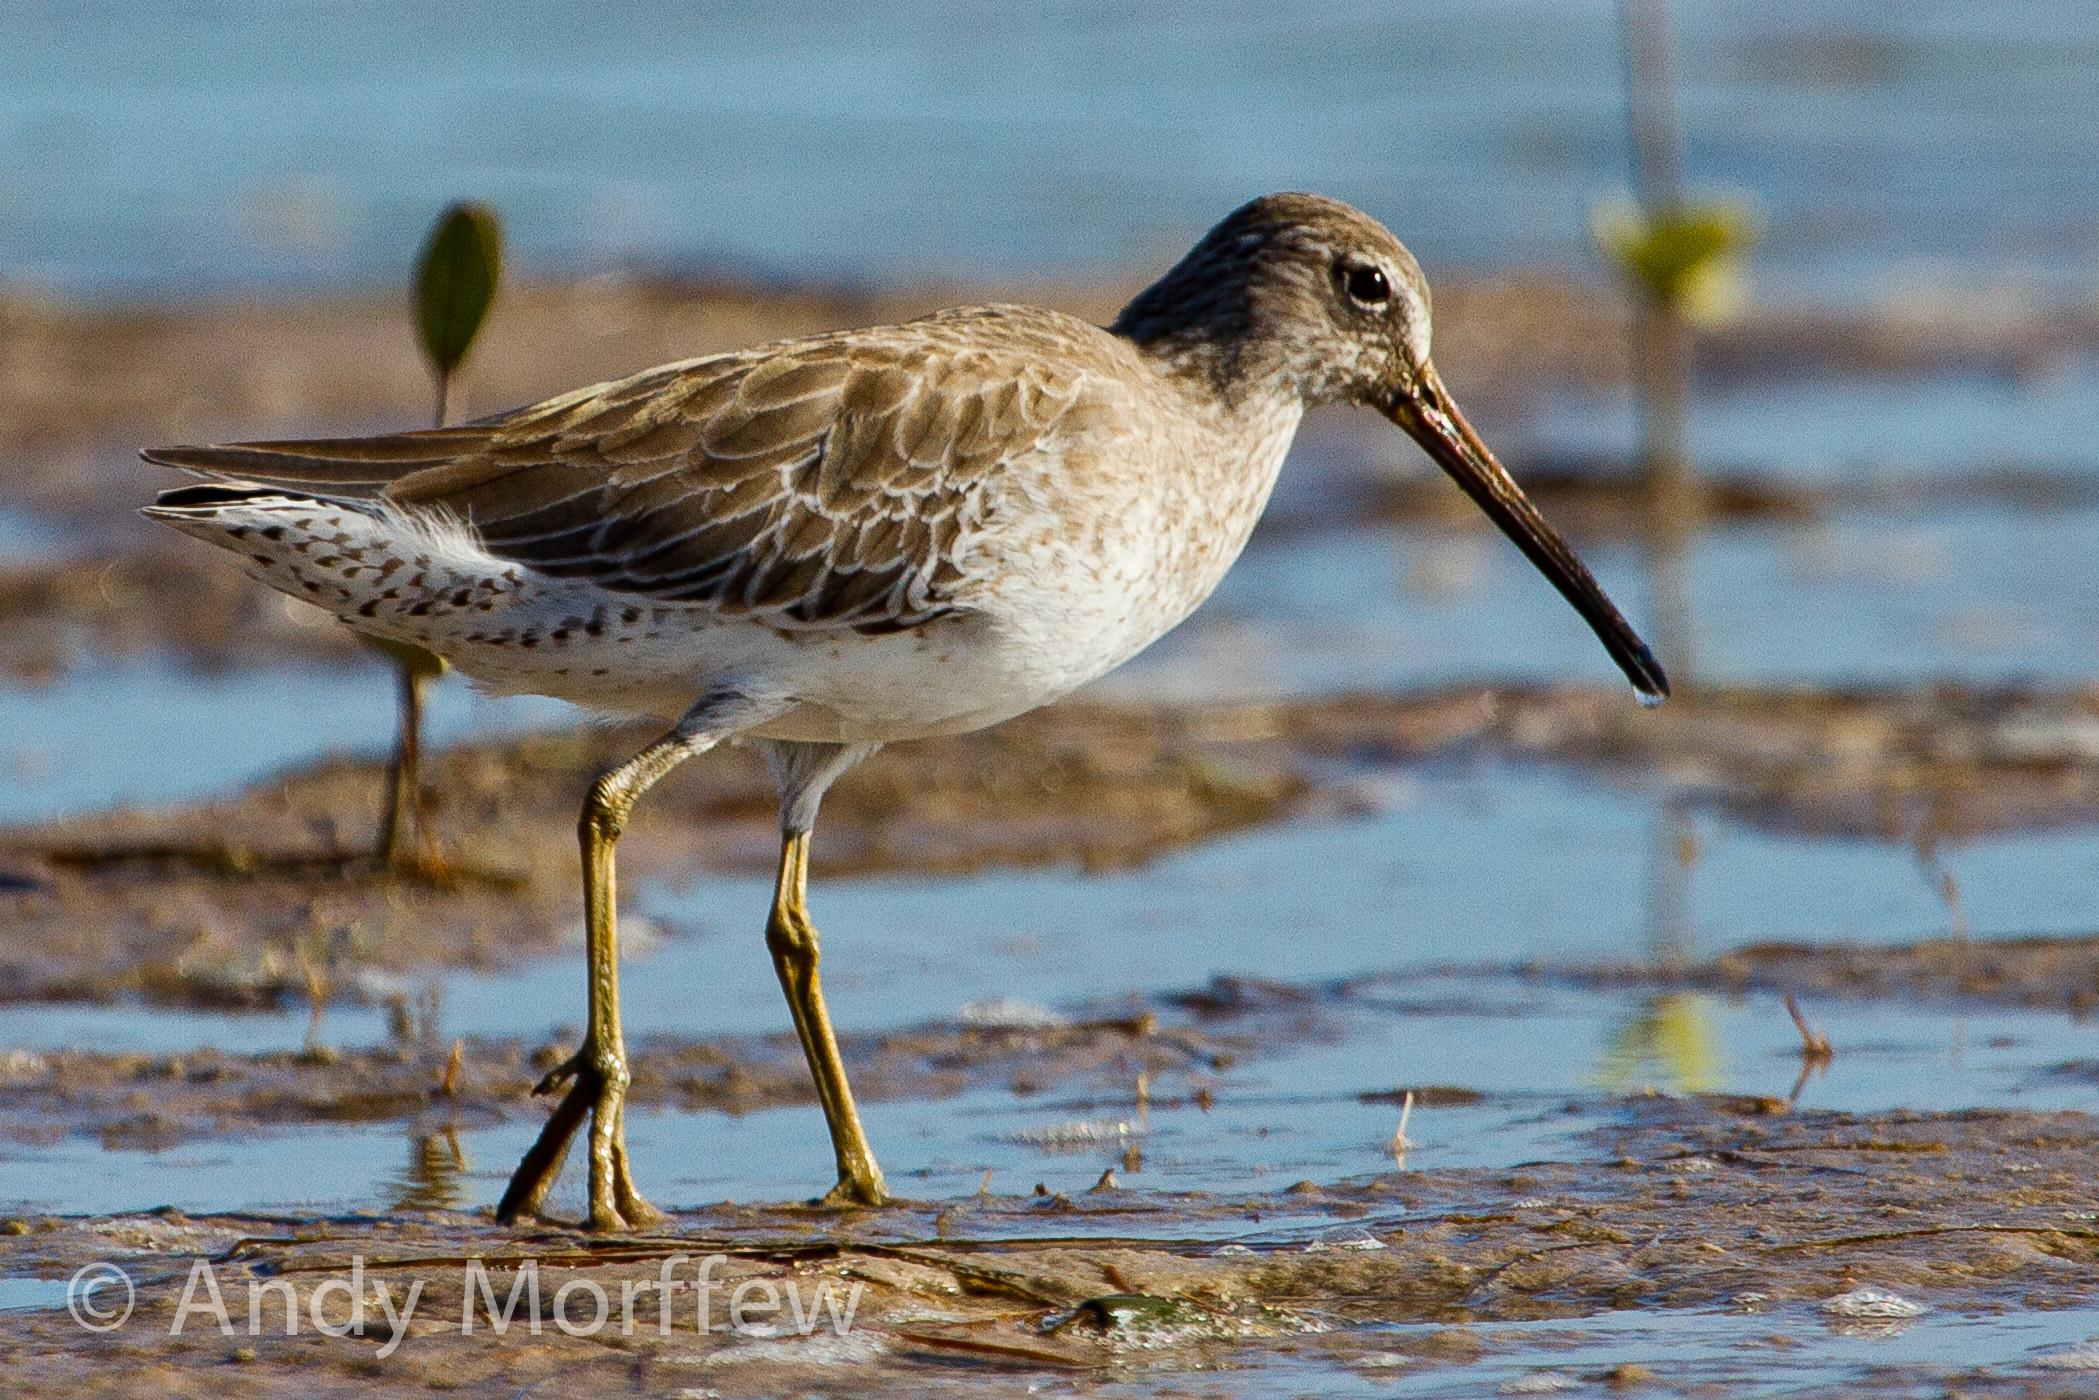 болотная птица кулик картинка зависимости того, какие